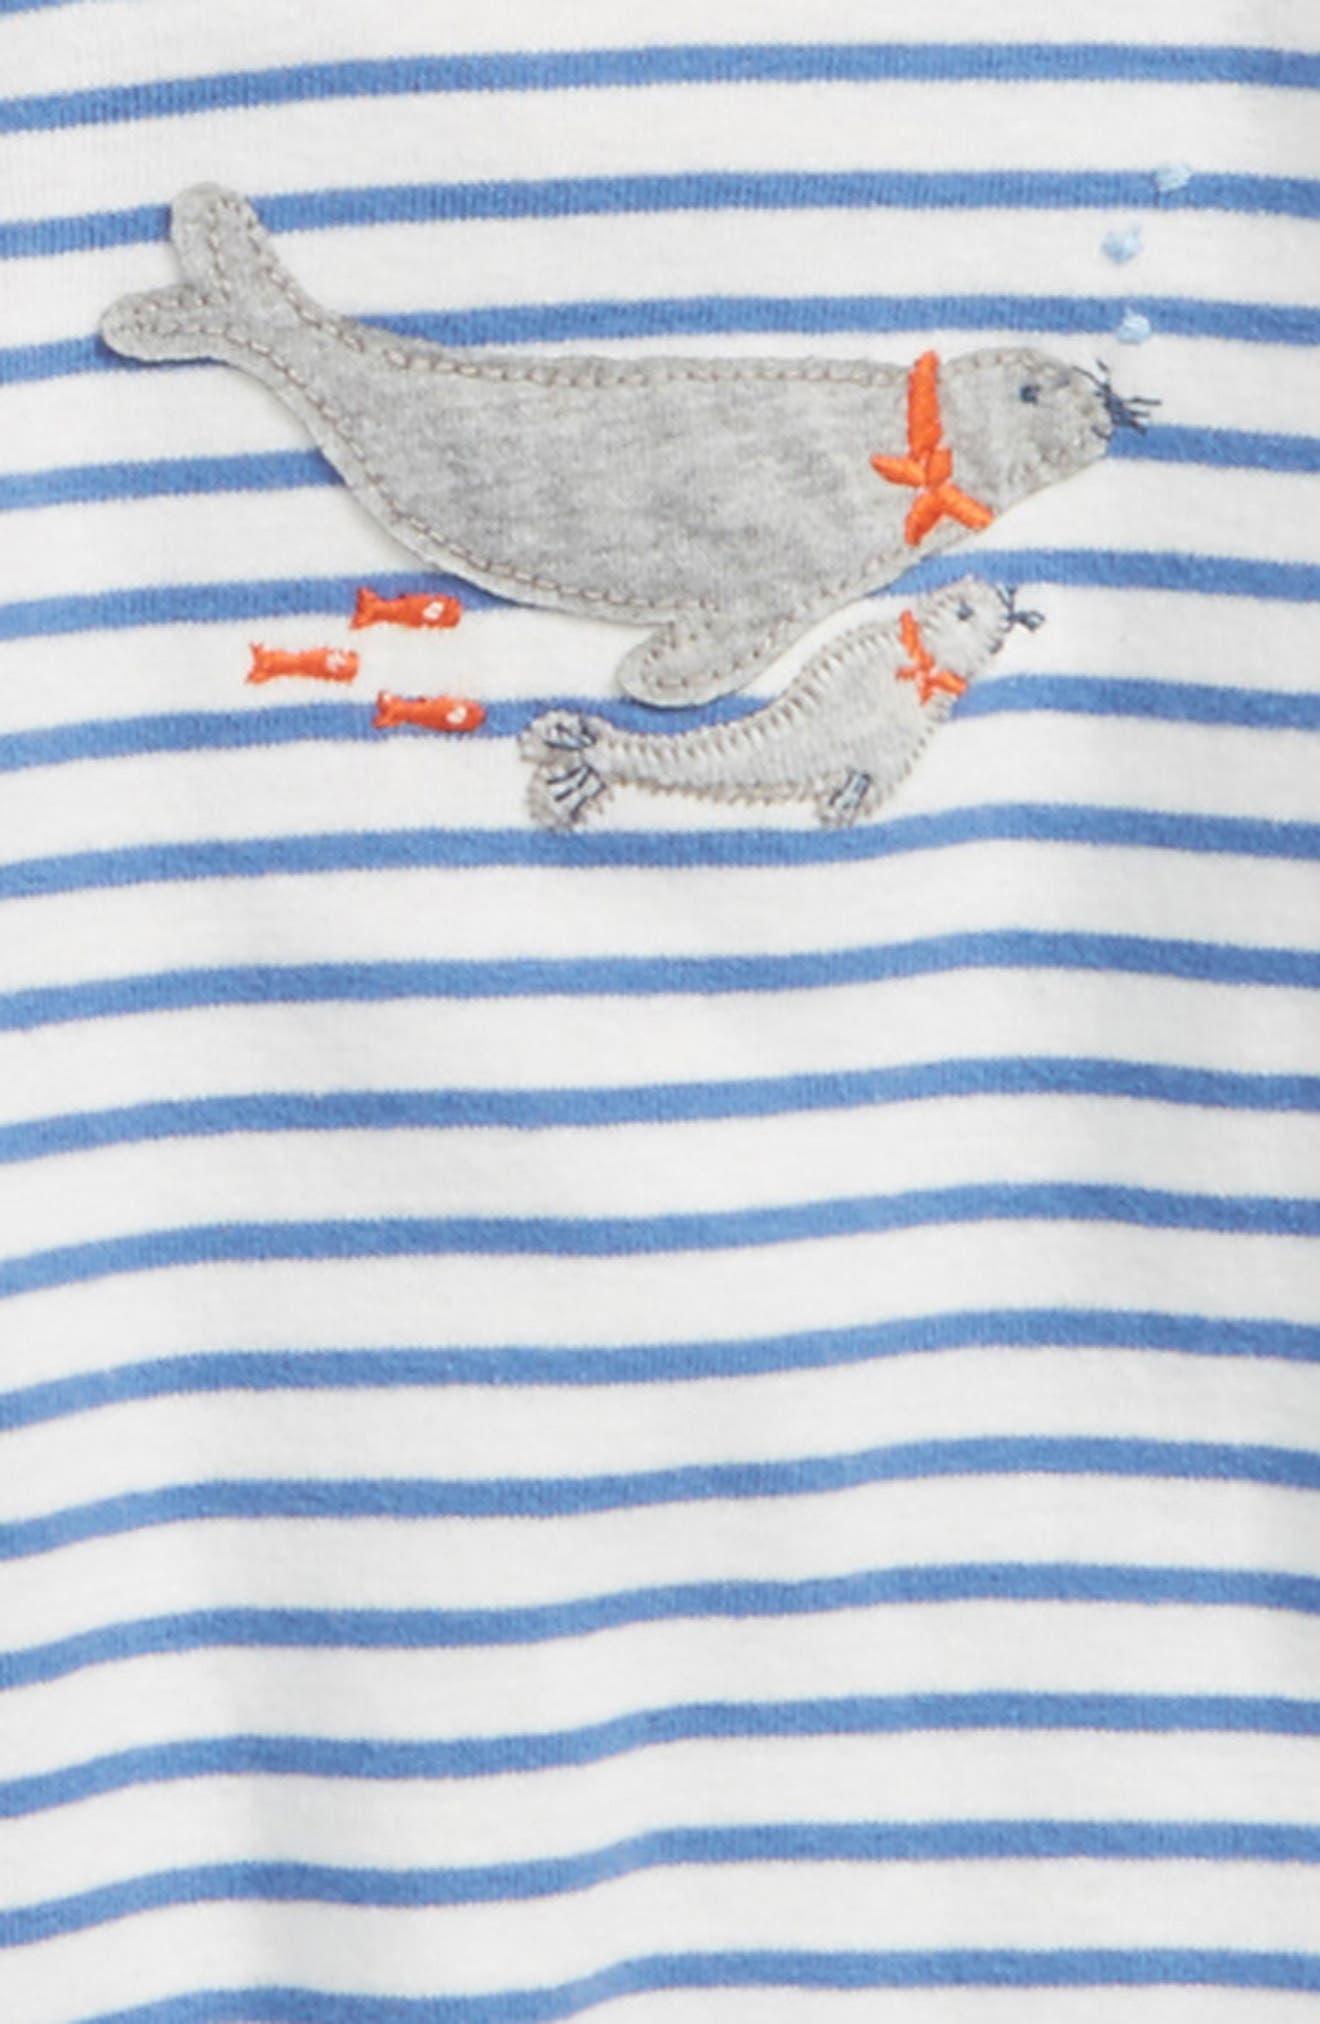 3-Pack Seals Cotton Bodysuits,                             Alternate thumbnail 2, color,                             Ivory Seals